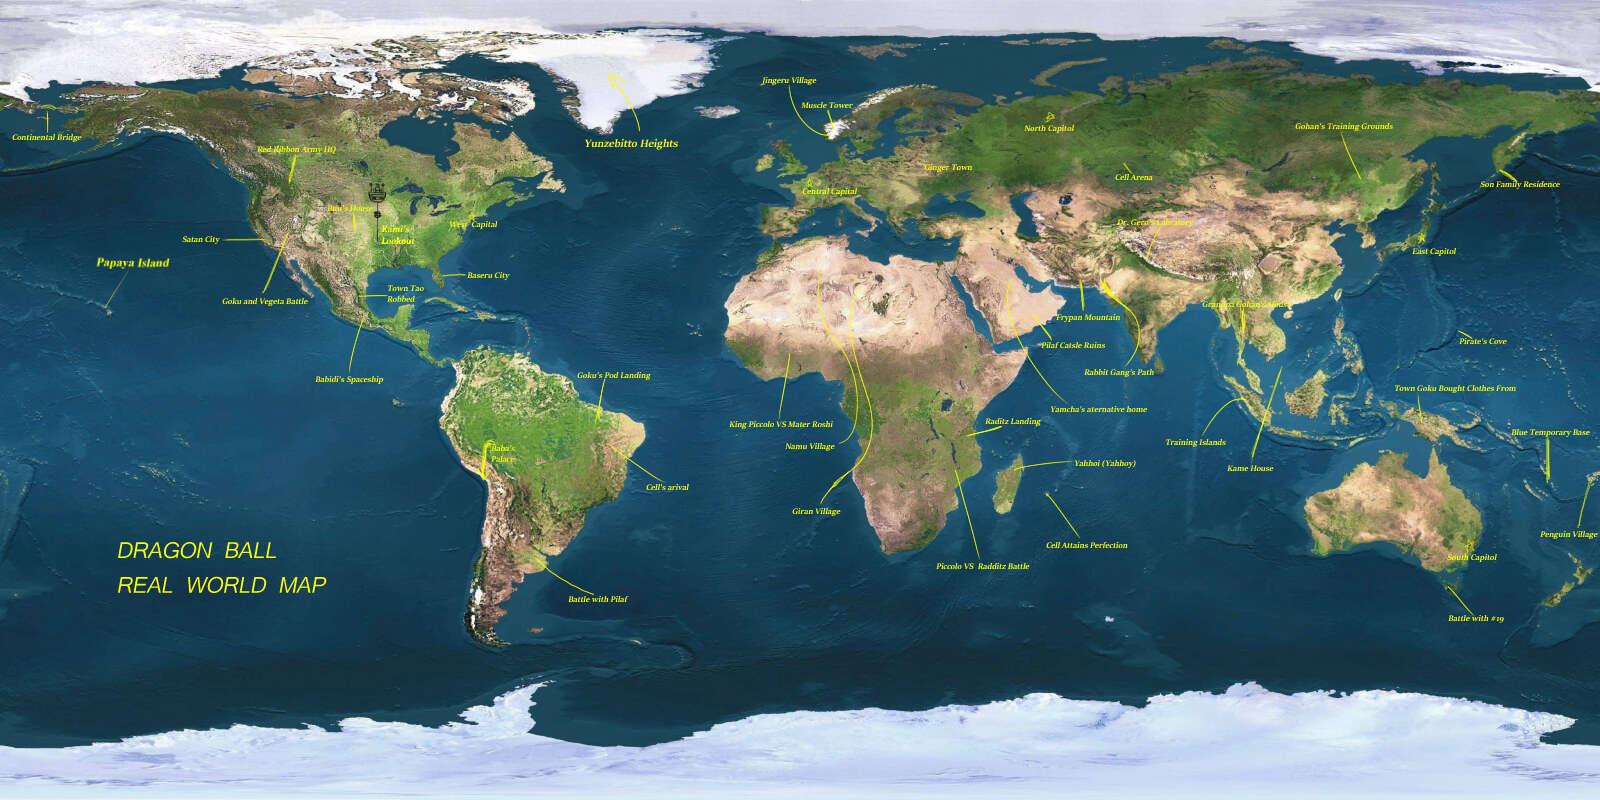 vị trí địa lý trong dragon ball